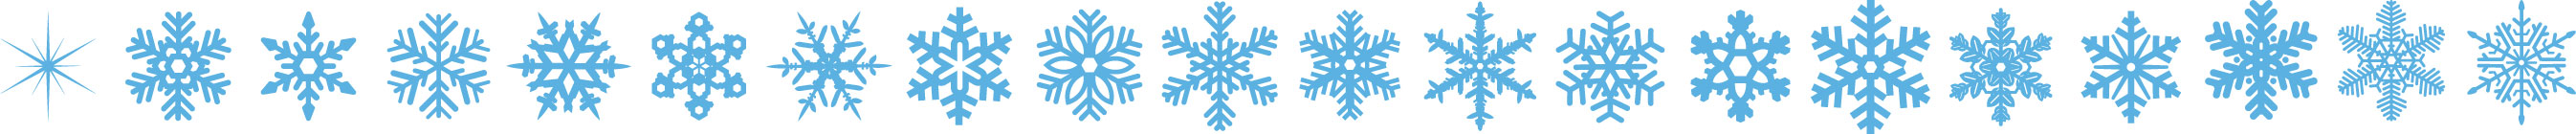 「冬 ライン イラスト」の画像検索結果